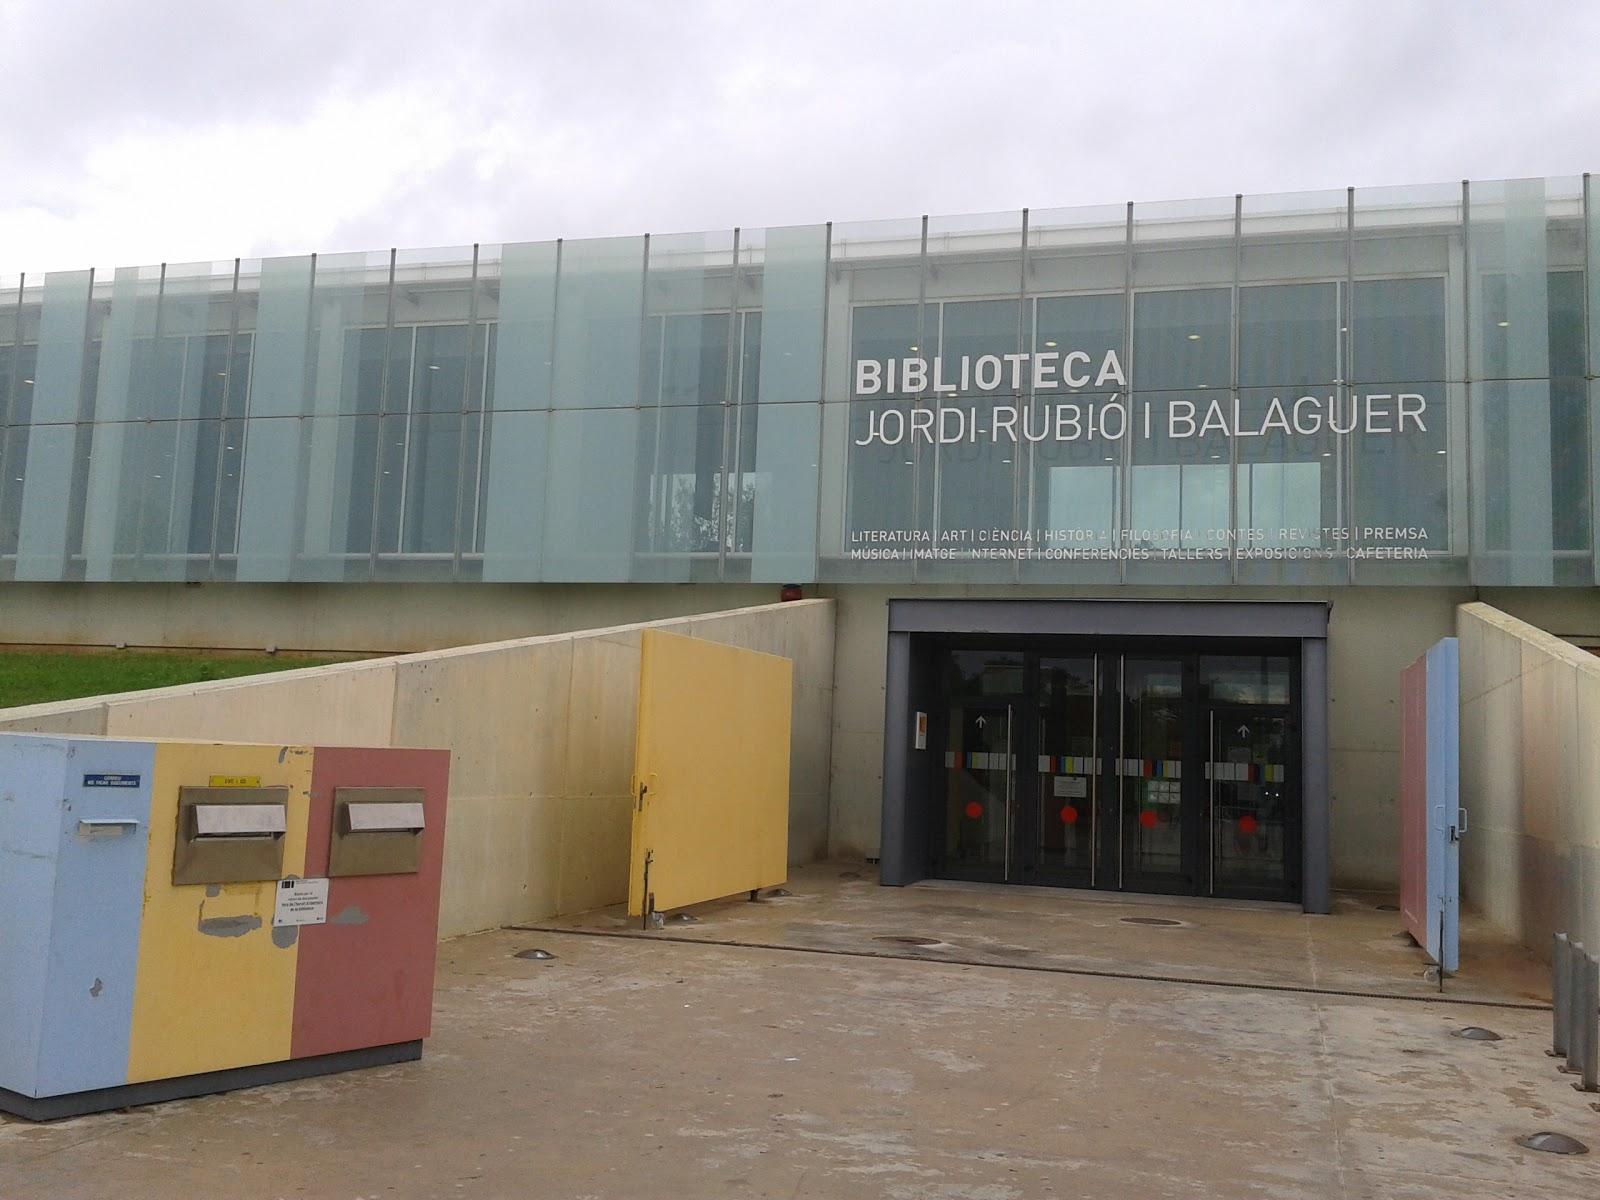 la-biblioteca-jordi-rubio-i-balaguer-de-sant-boi-de-llobregat-guanyadora-de-la-2a-edicio-d.jpeg